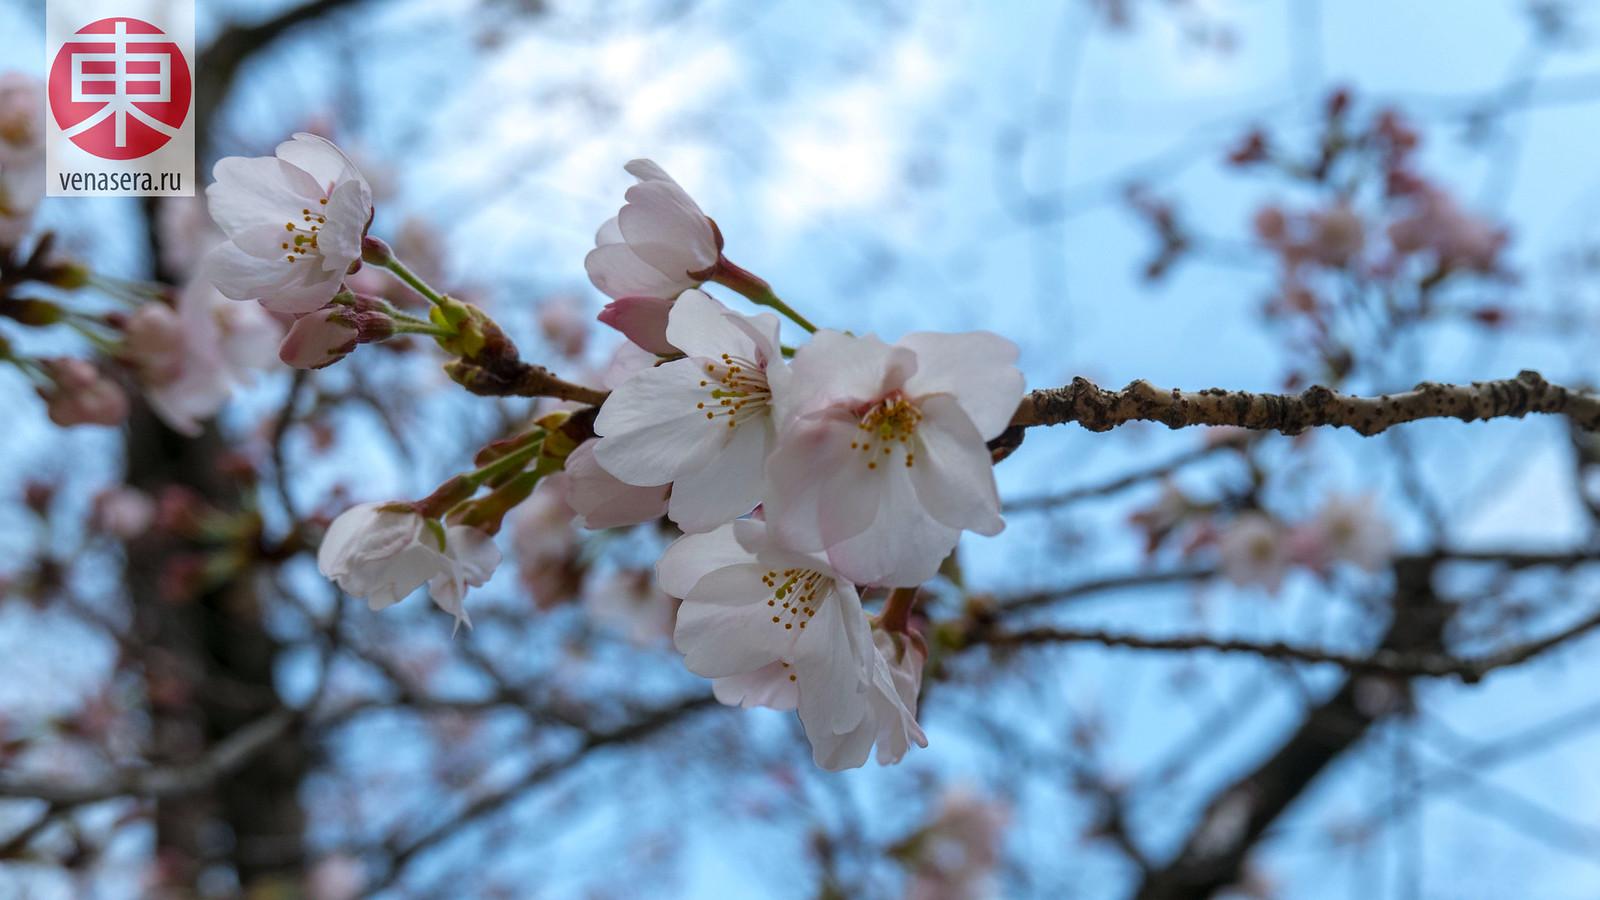 Сакура в г. Хиросима, Япония.